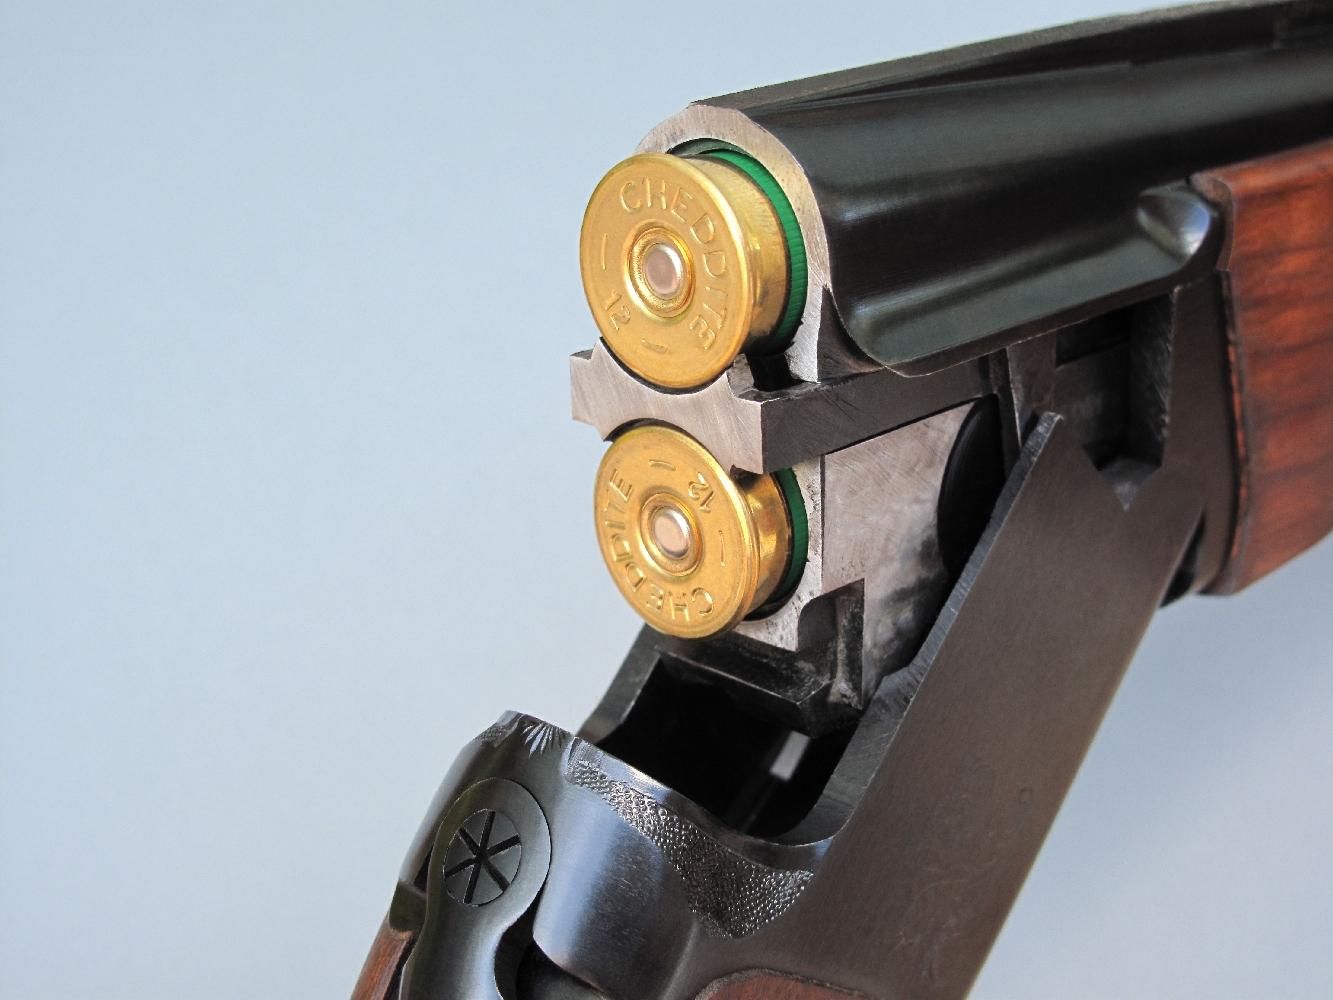 Nous avons testé les munitions Gomm-Cogne 12/67 et Mini Gomm-Cogne 12/50 dans un fusil de chasse Baïkal MP-27M, de calibre 12/76, dont les deux canons superposés mesurent 72,5 cm de longueur.